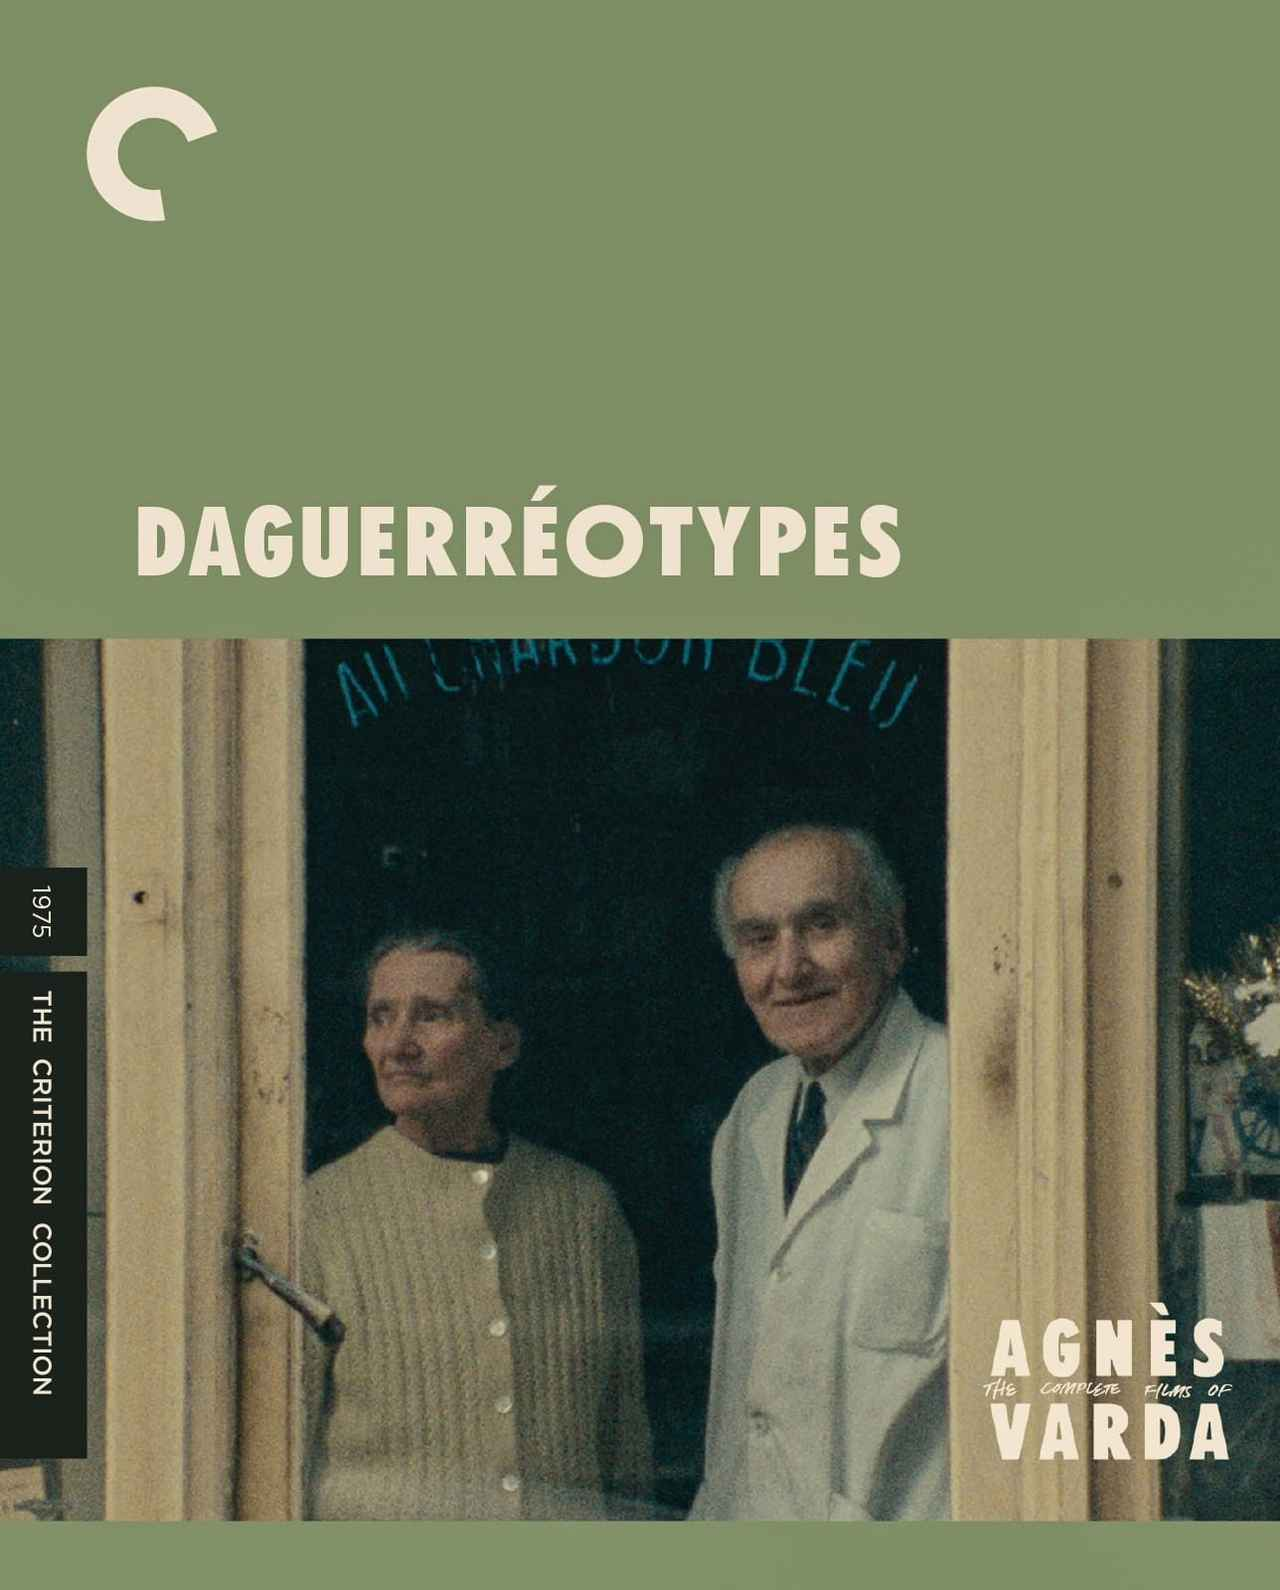 画像: DAGUERRÉOTYPES aka. Daguerreotypes(1975) ダゲール街の人々